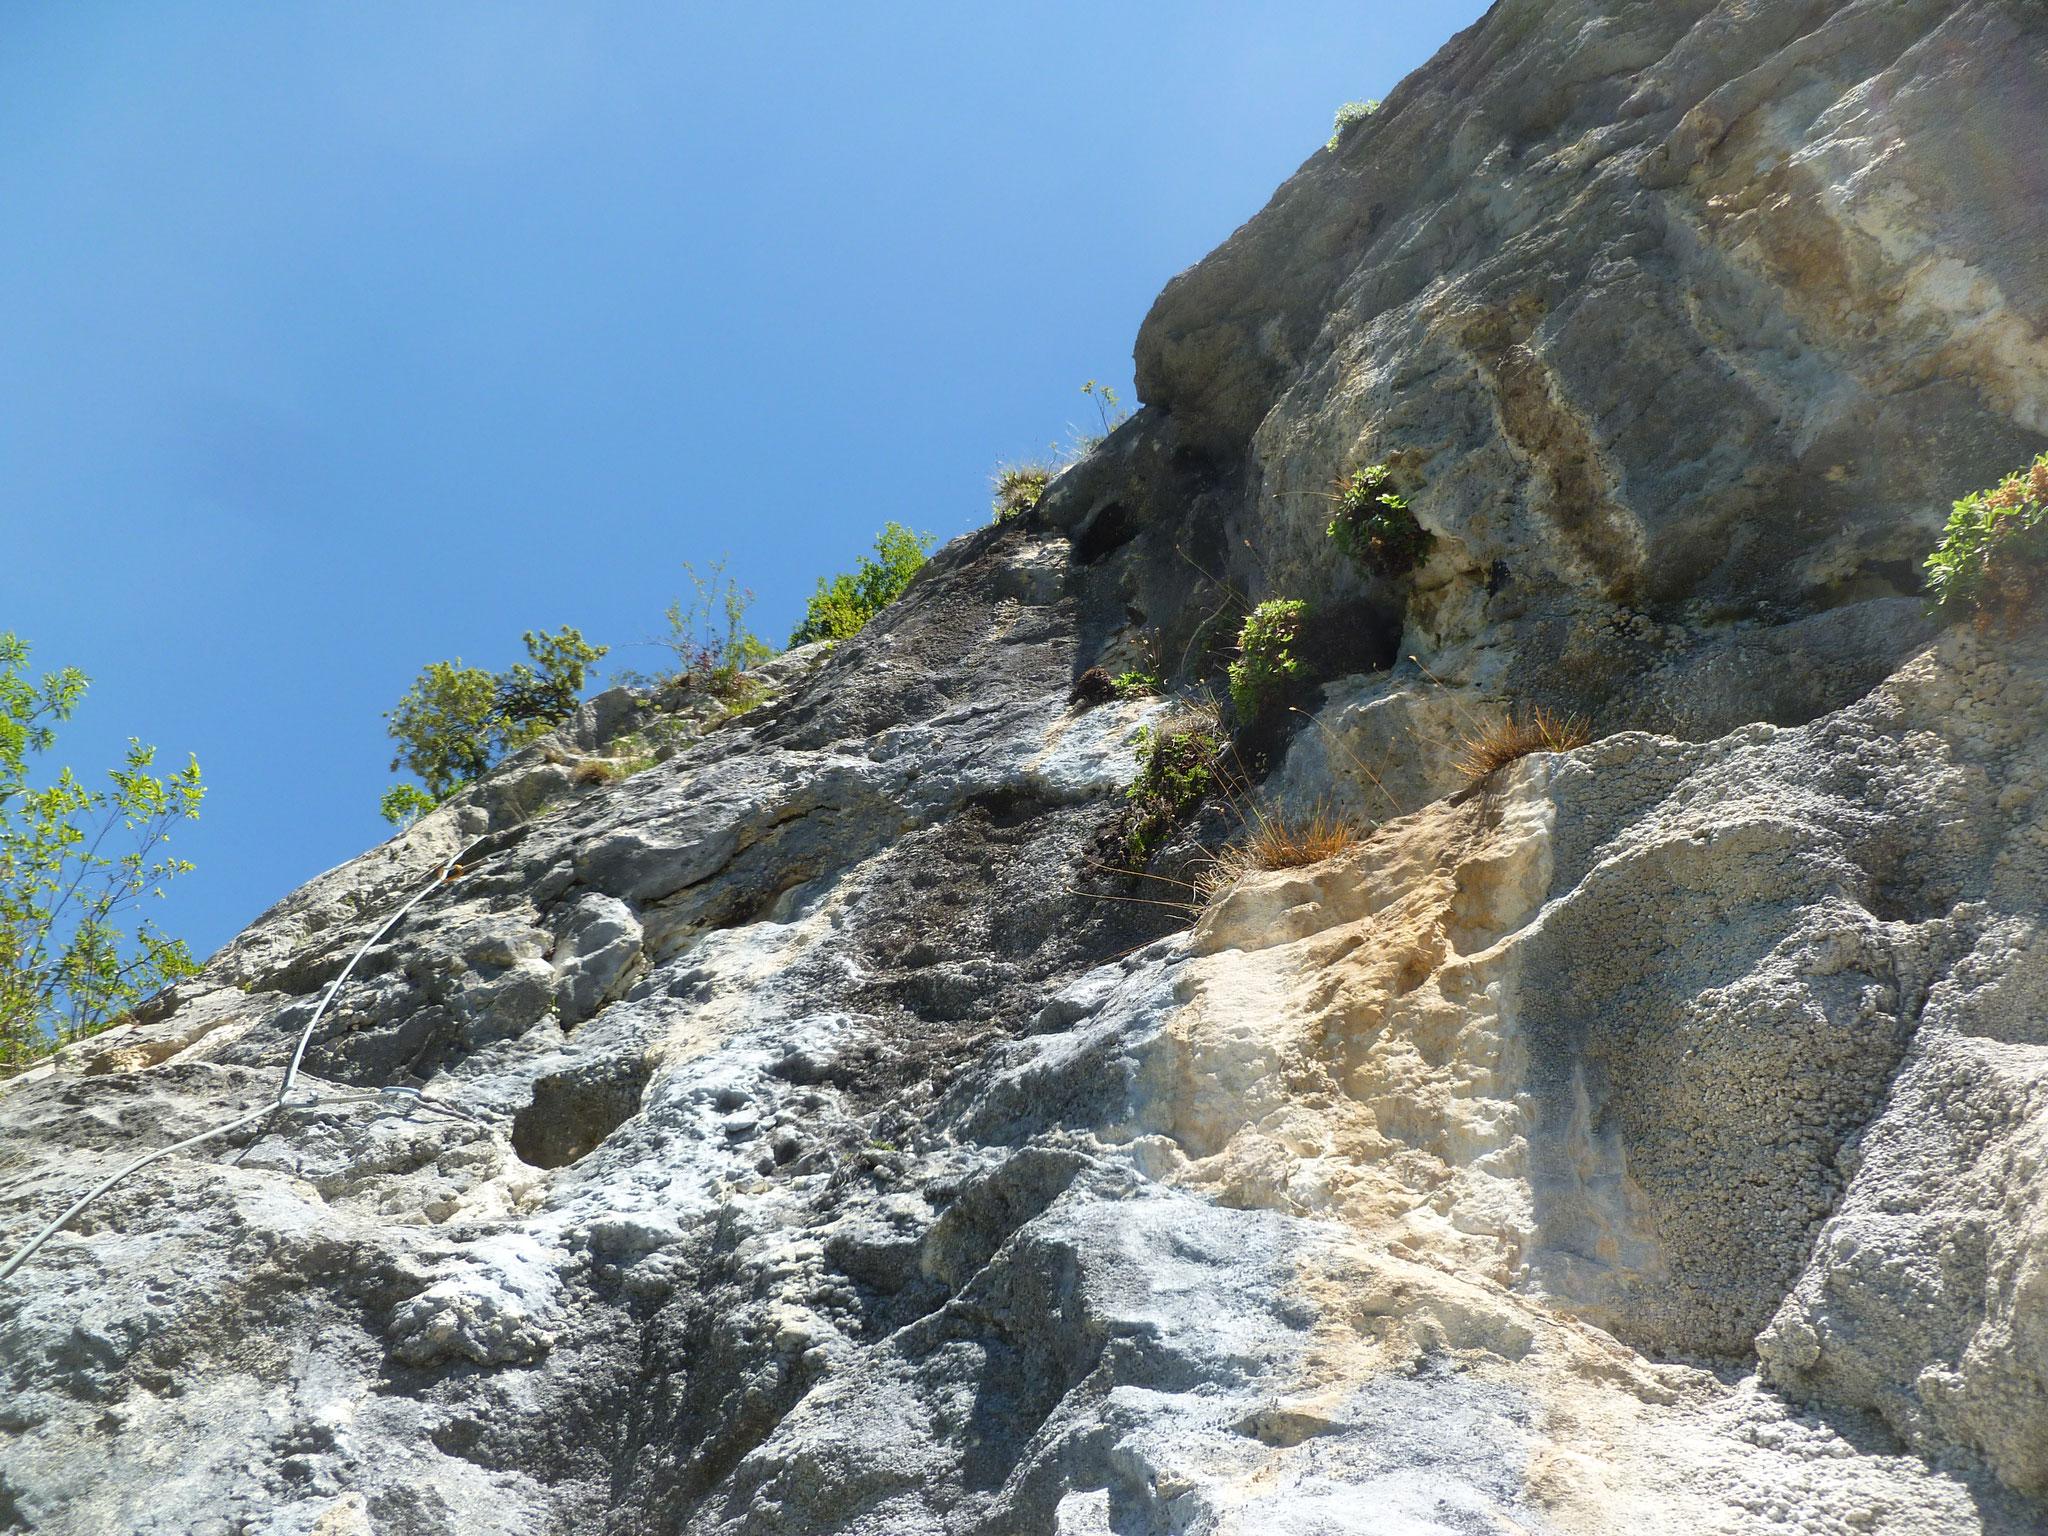 Toller Fels auch in der zweiten Länge